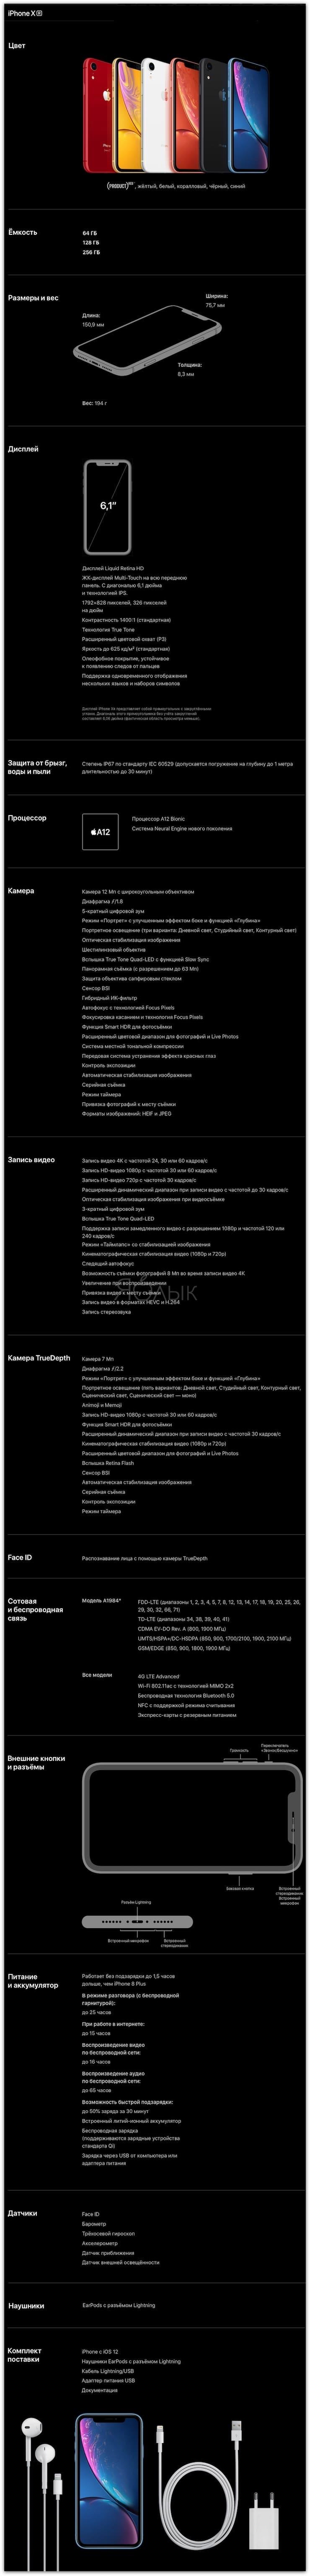 Подробные характеристики (спецификации) iPhone XR